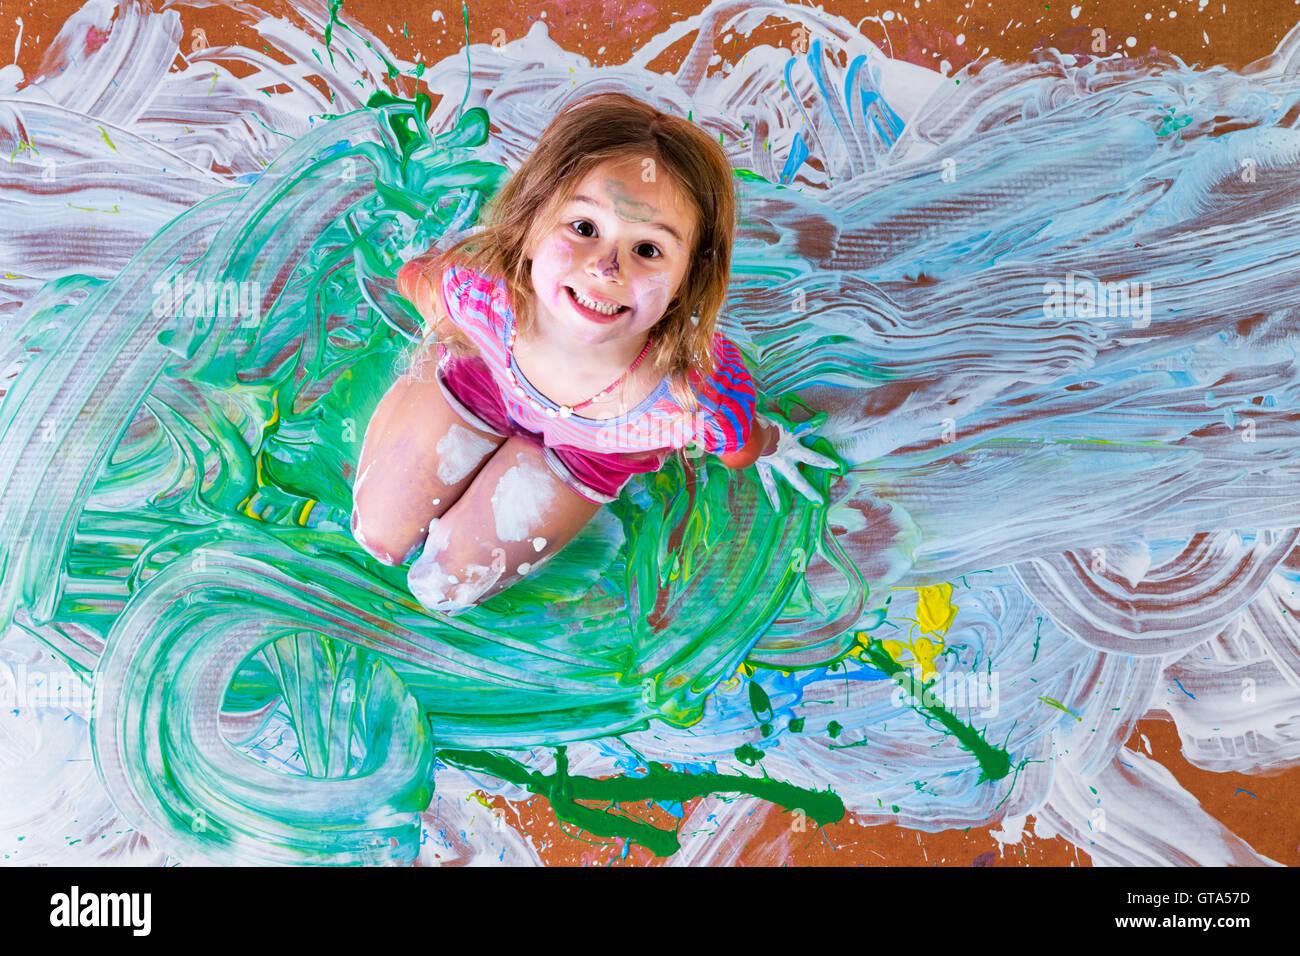 Salpicado De Pintura Creativa Niña Divirtiéndose Con Pinta De